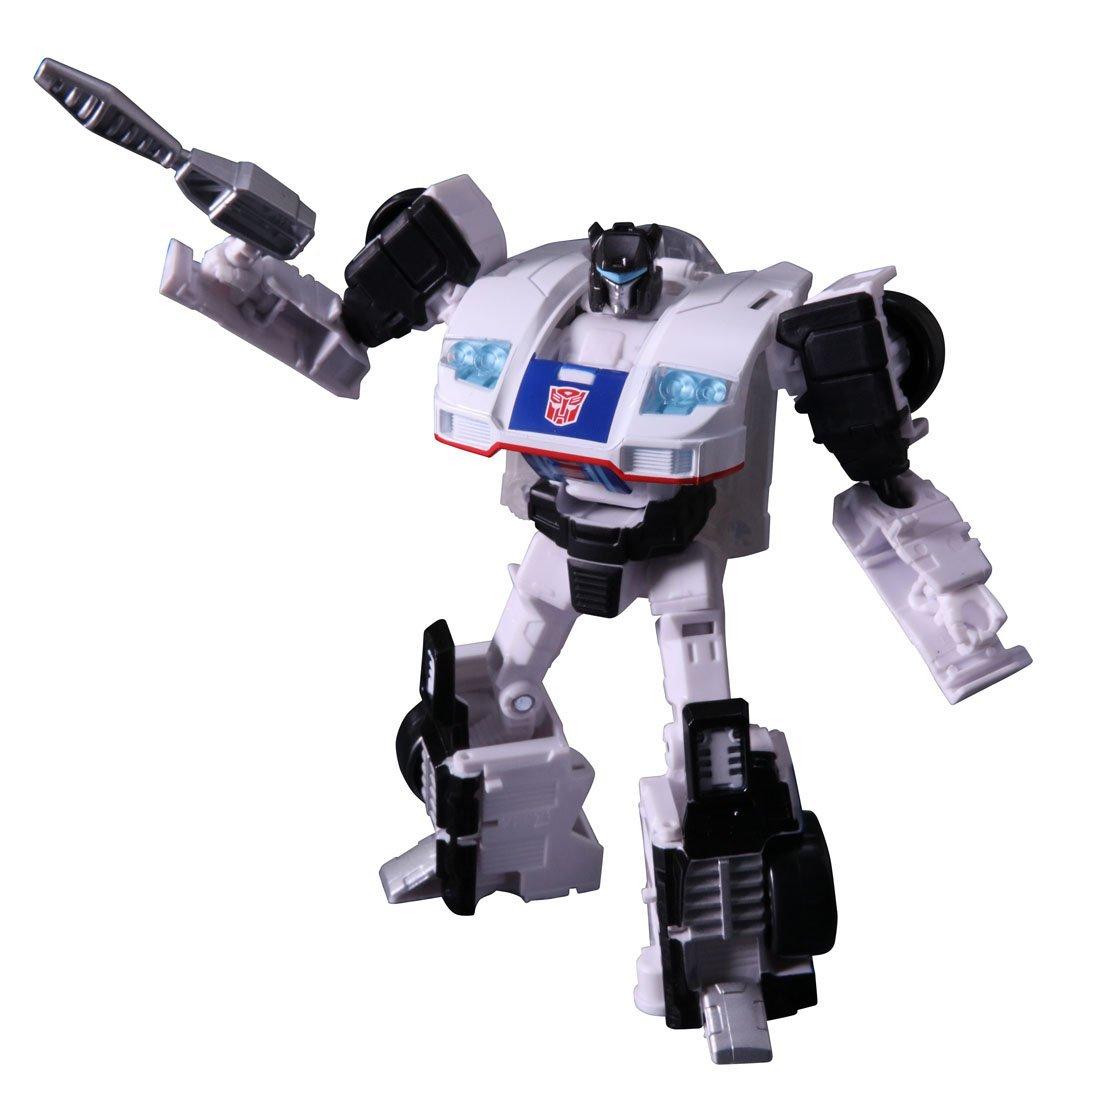 トランスフォーマー パワーオブザプライム PP-07 オートボットジャズ-001